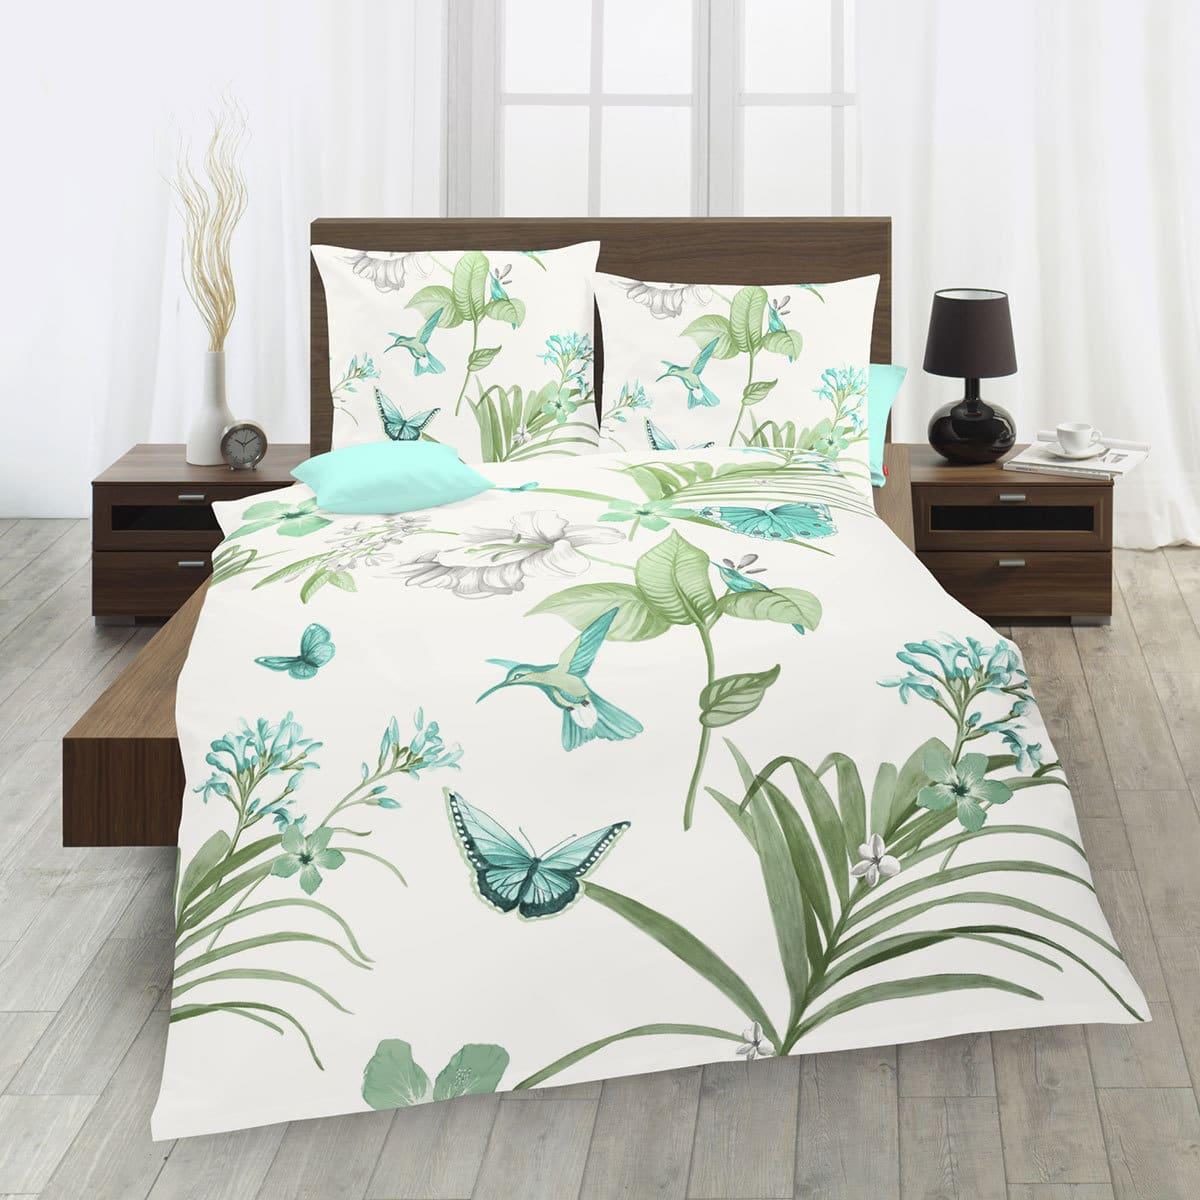 schmetterling gr n preisvergleich die besten angebote online kaufen. Black Bedroom Furniture Sets. Home Design Ideas